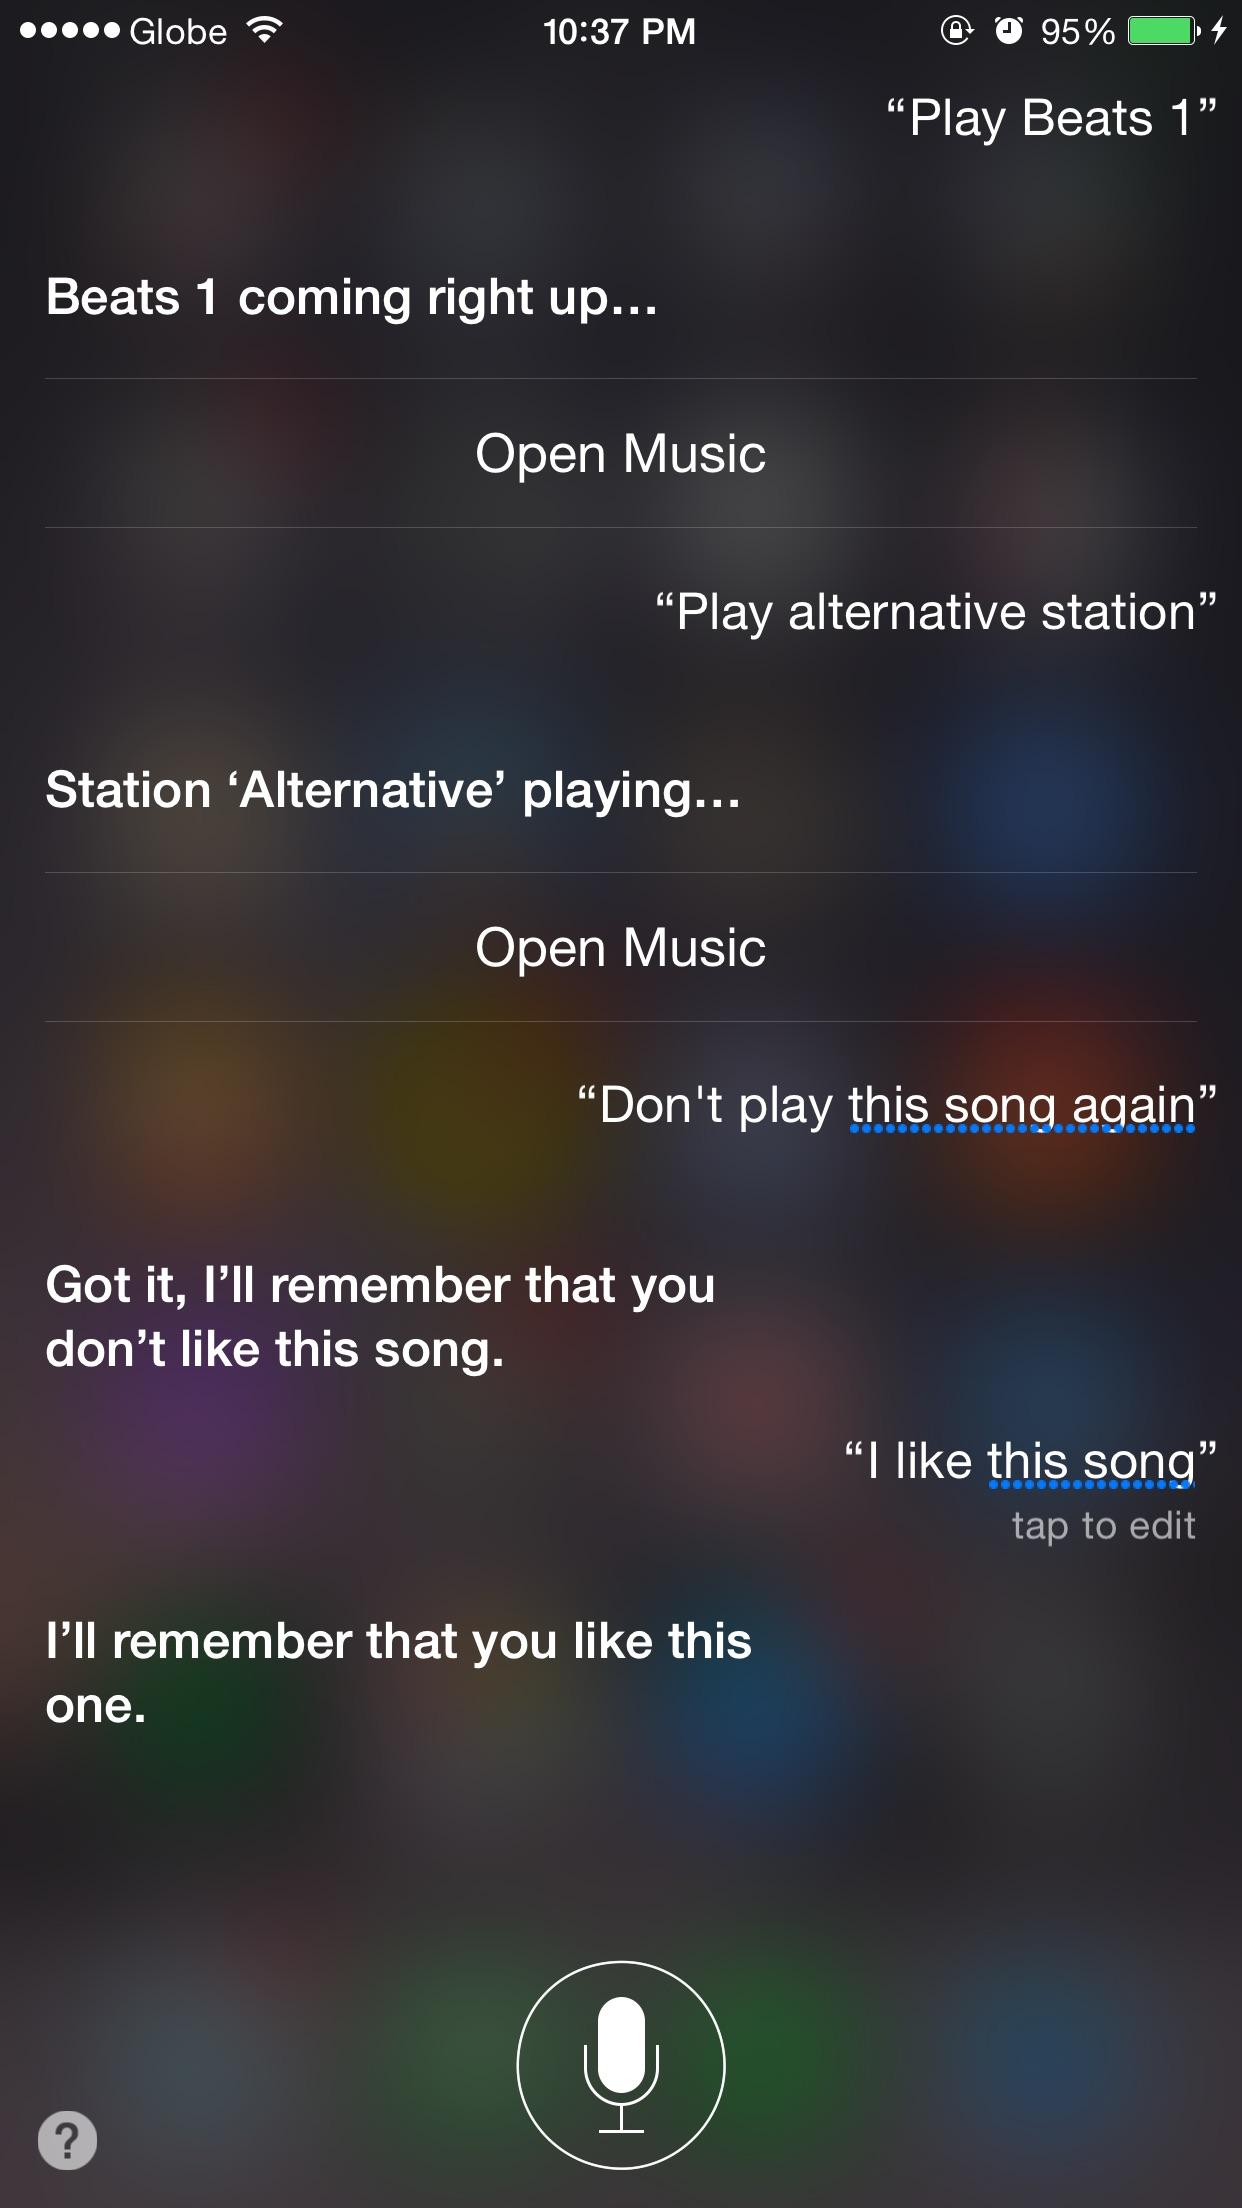 Siri, tune my radio